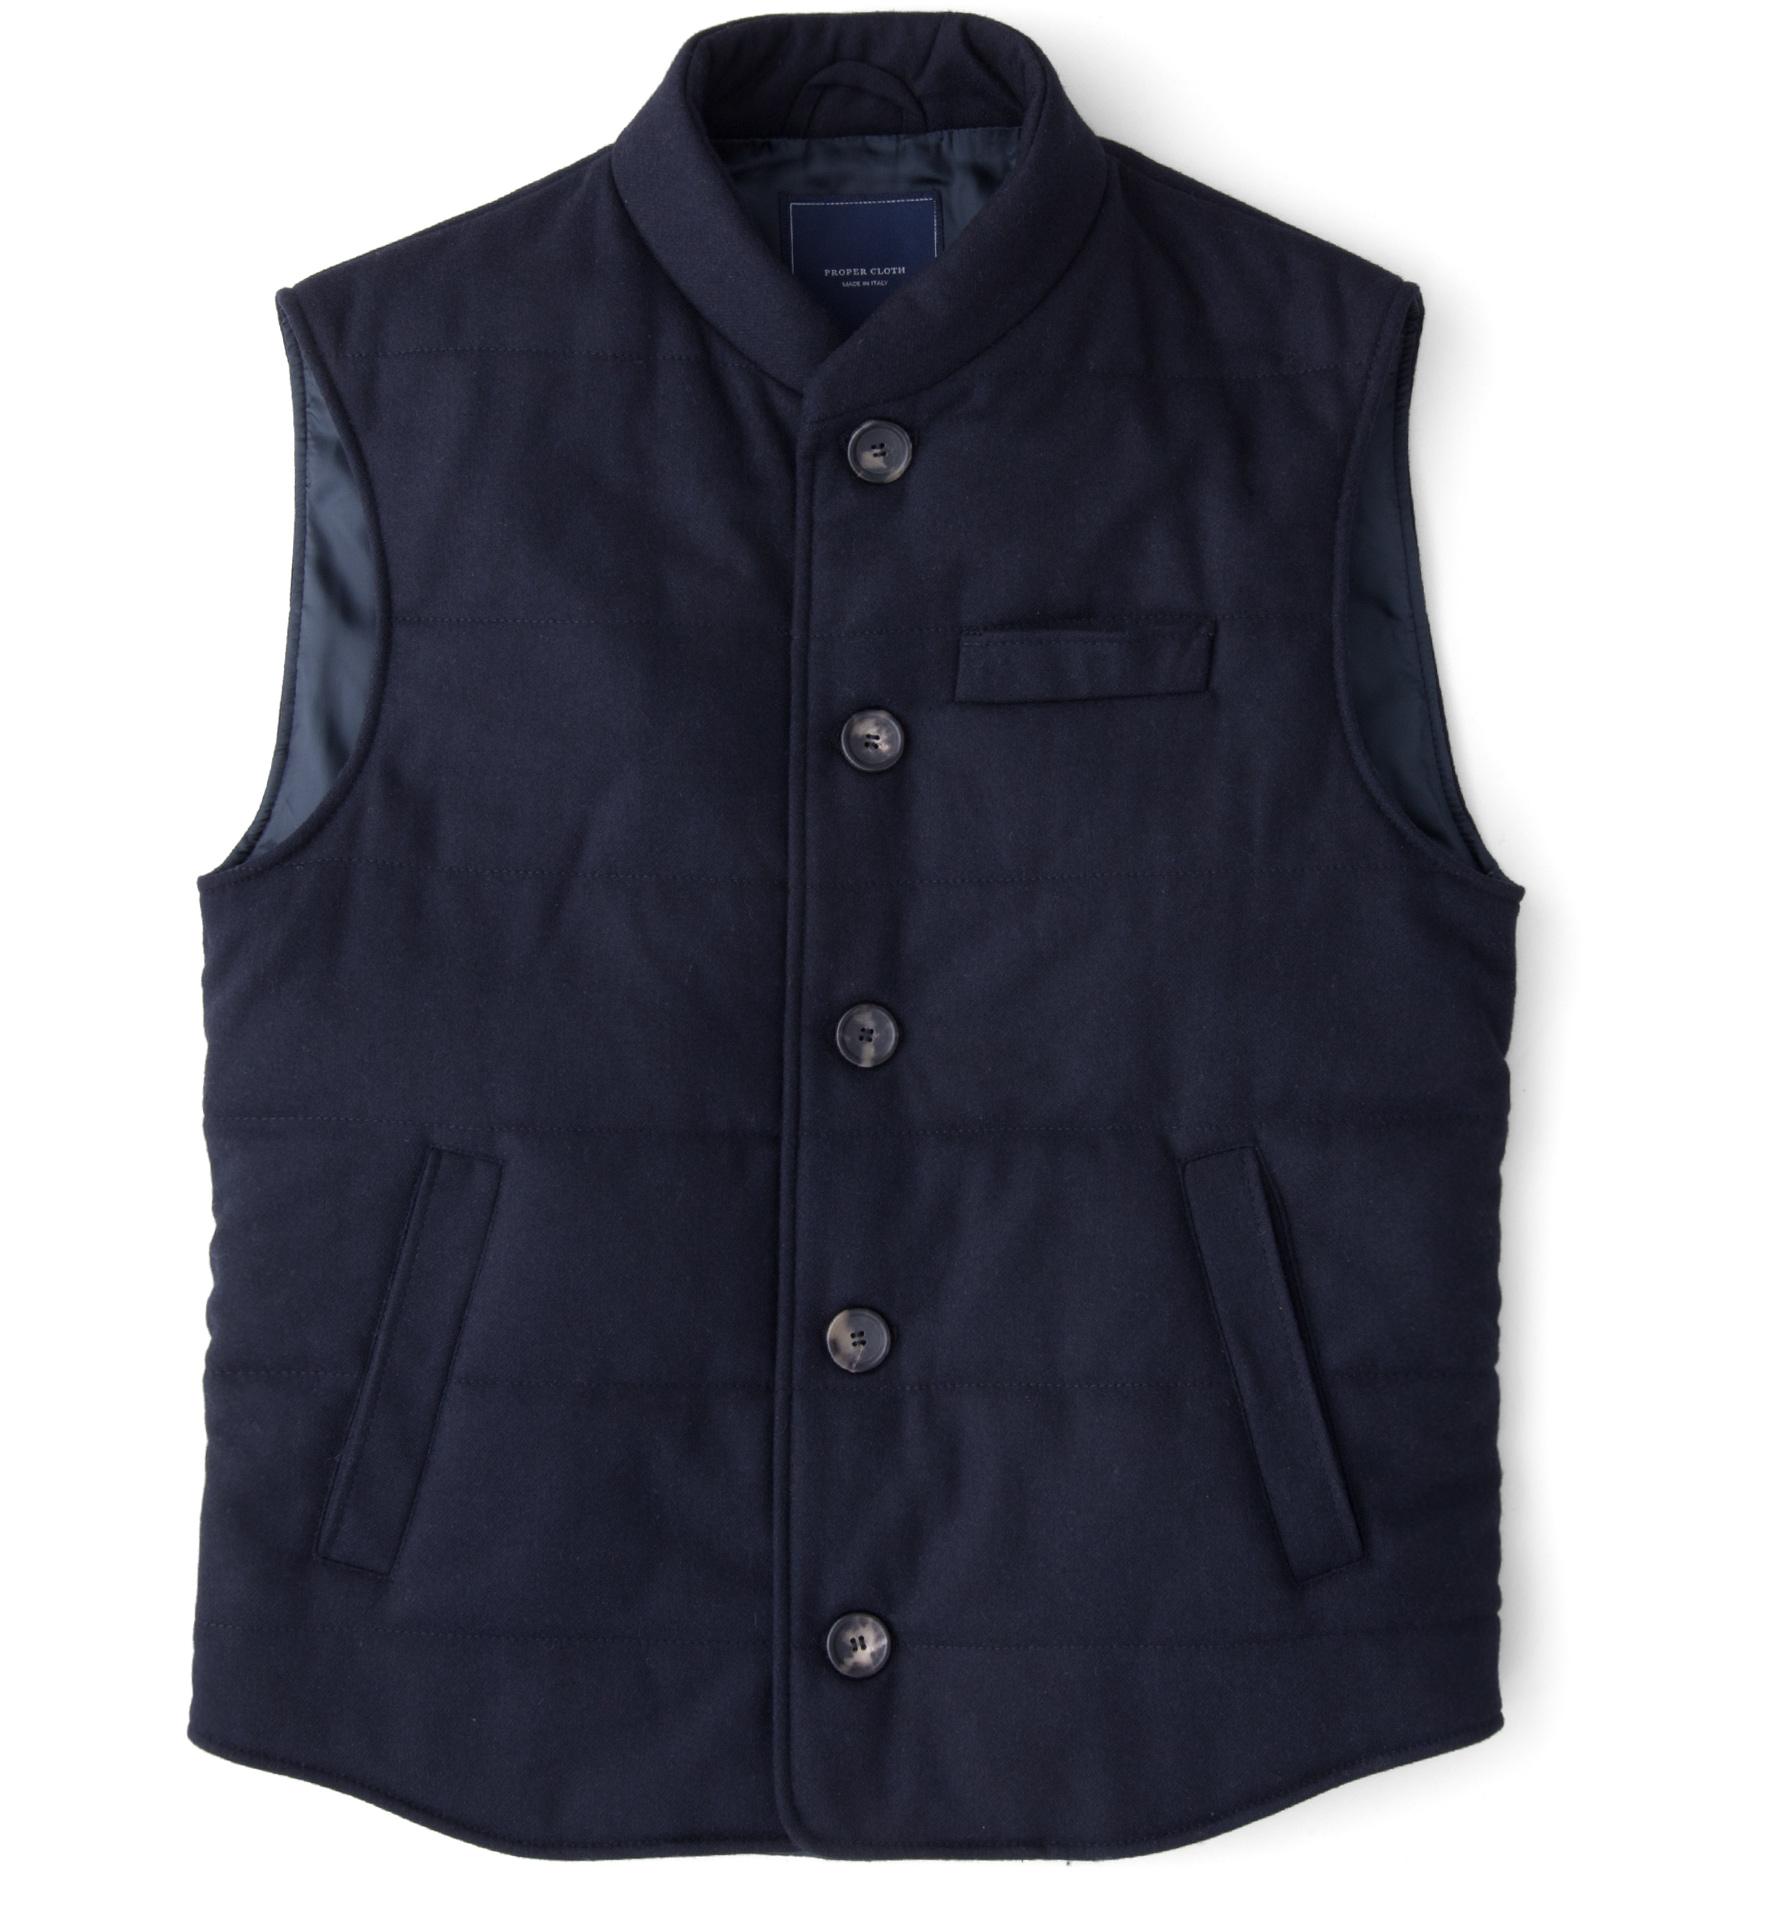 Zoom Image of Navy Cortina Vest